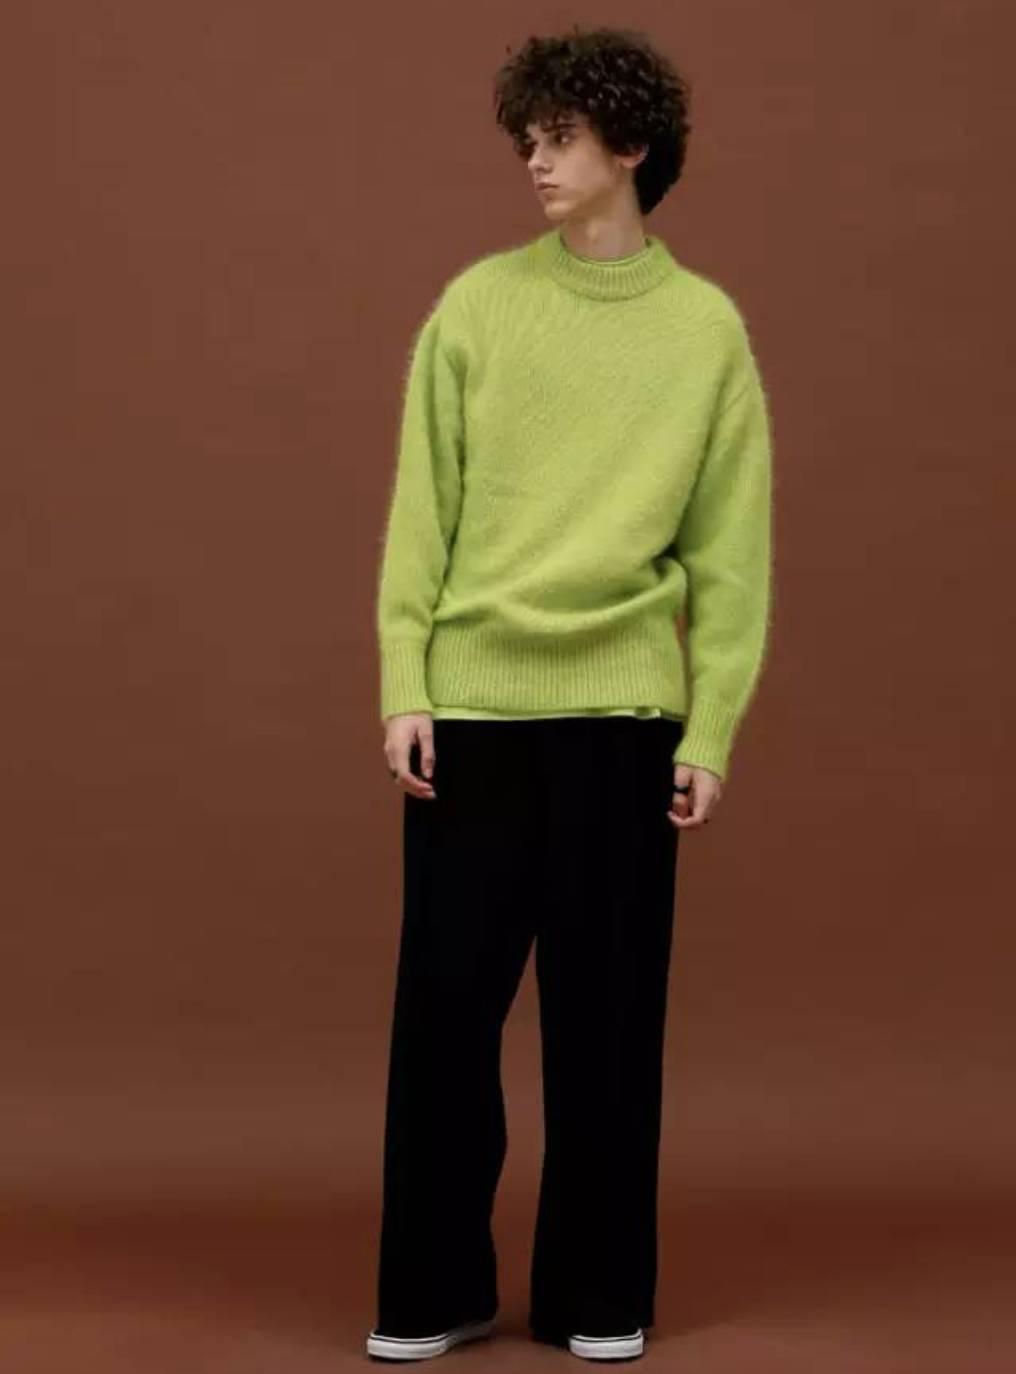 kors秋冬系列 最近赵丽颖在拍摄杂志封面时 穿得也是一件草木绿色大衣图片